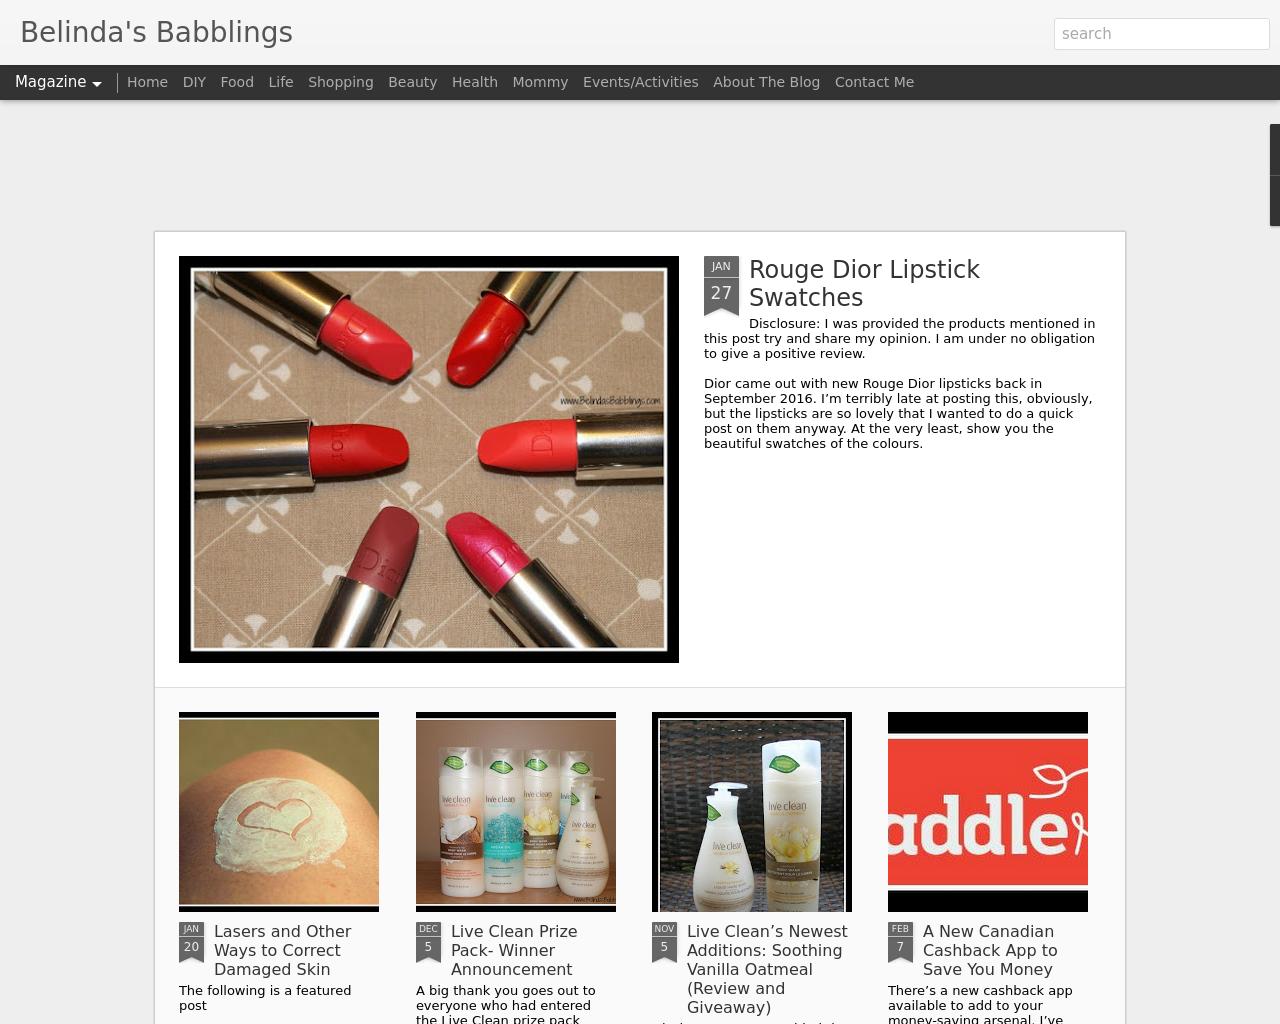 Belinda's-Babblings-Advertising-Reviews-Pricing